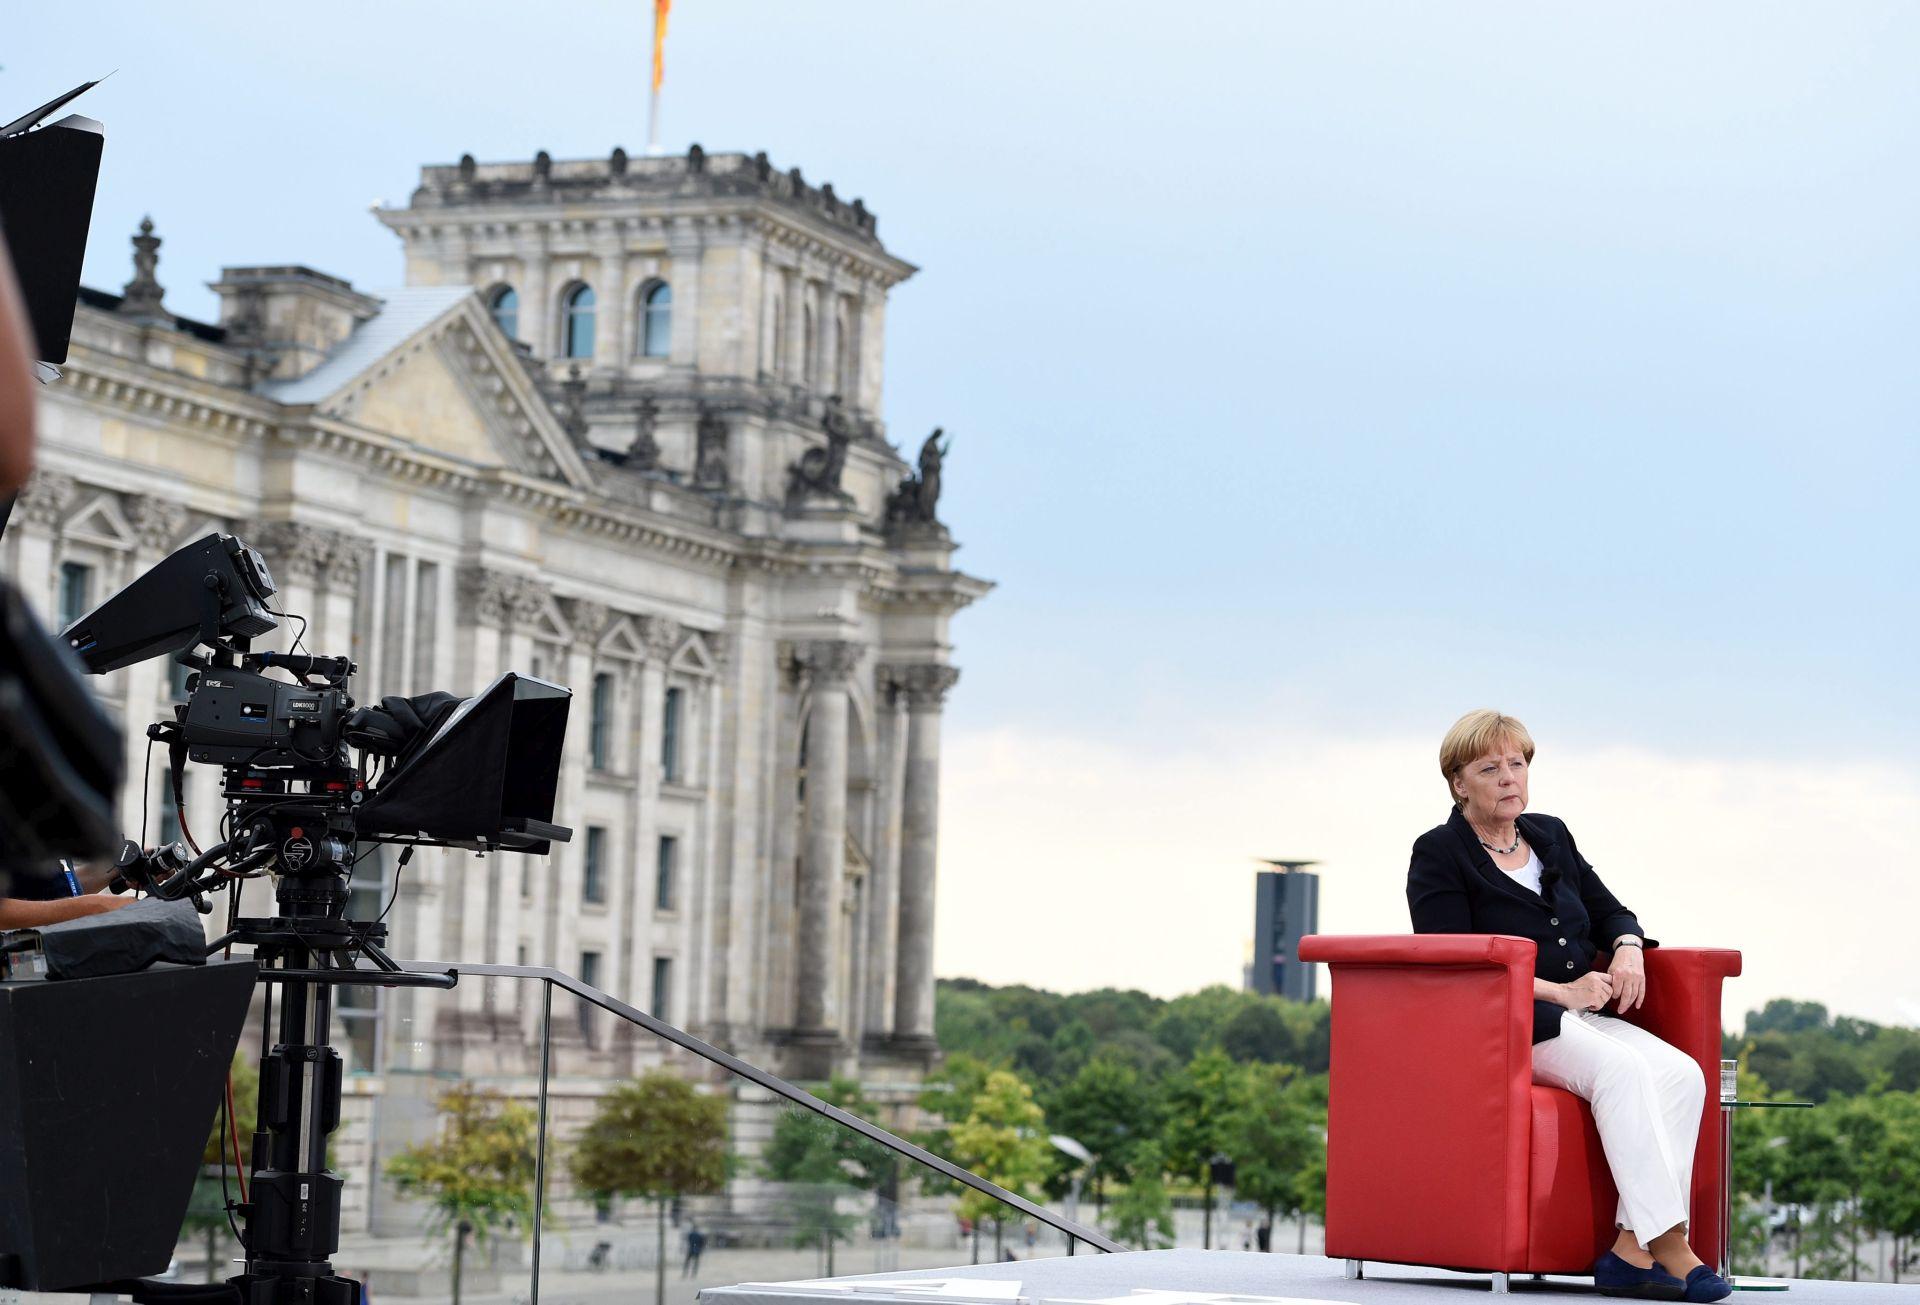 UNATOČ KRITIKAMA: Sirijski izbjeglica učlanio se u stranku Angele Merkel